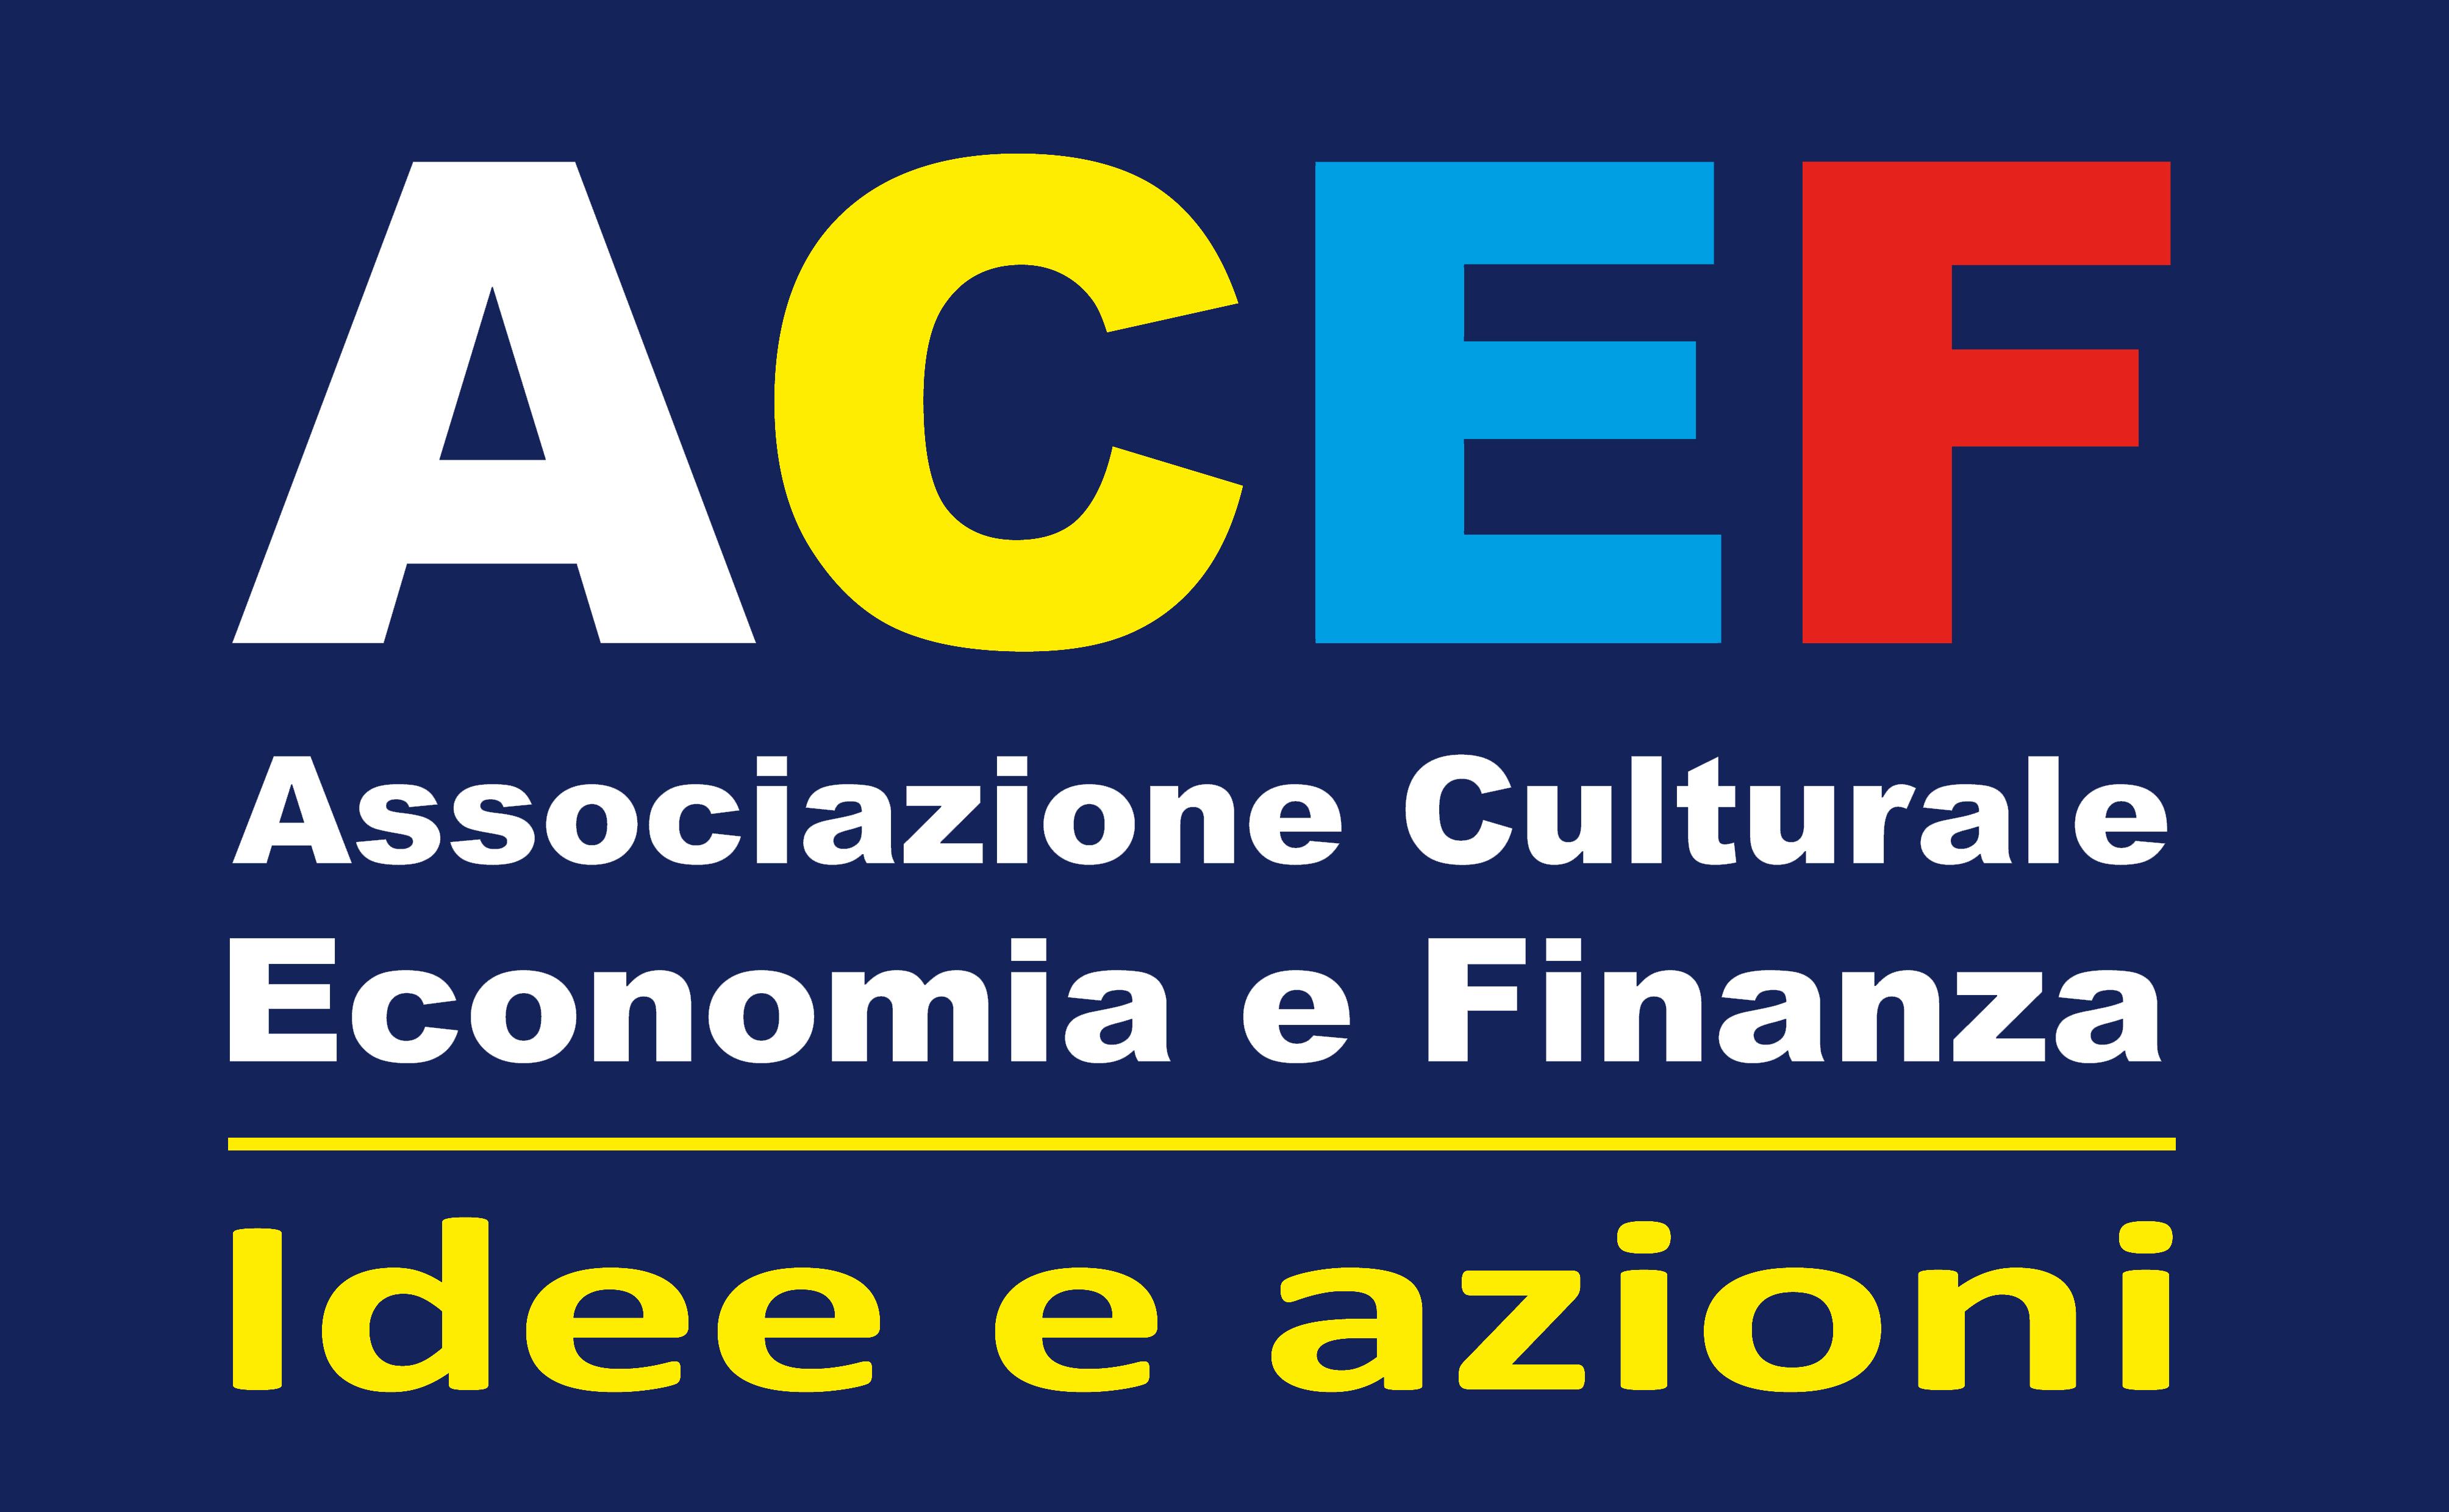 ACEF Associazione Culturale Economia e Finanza